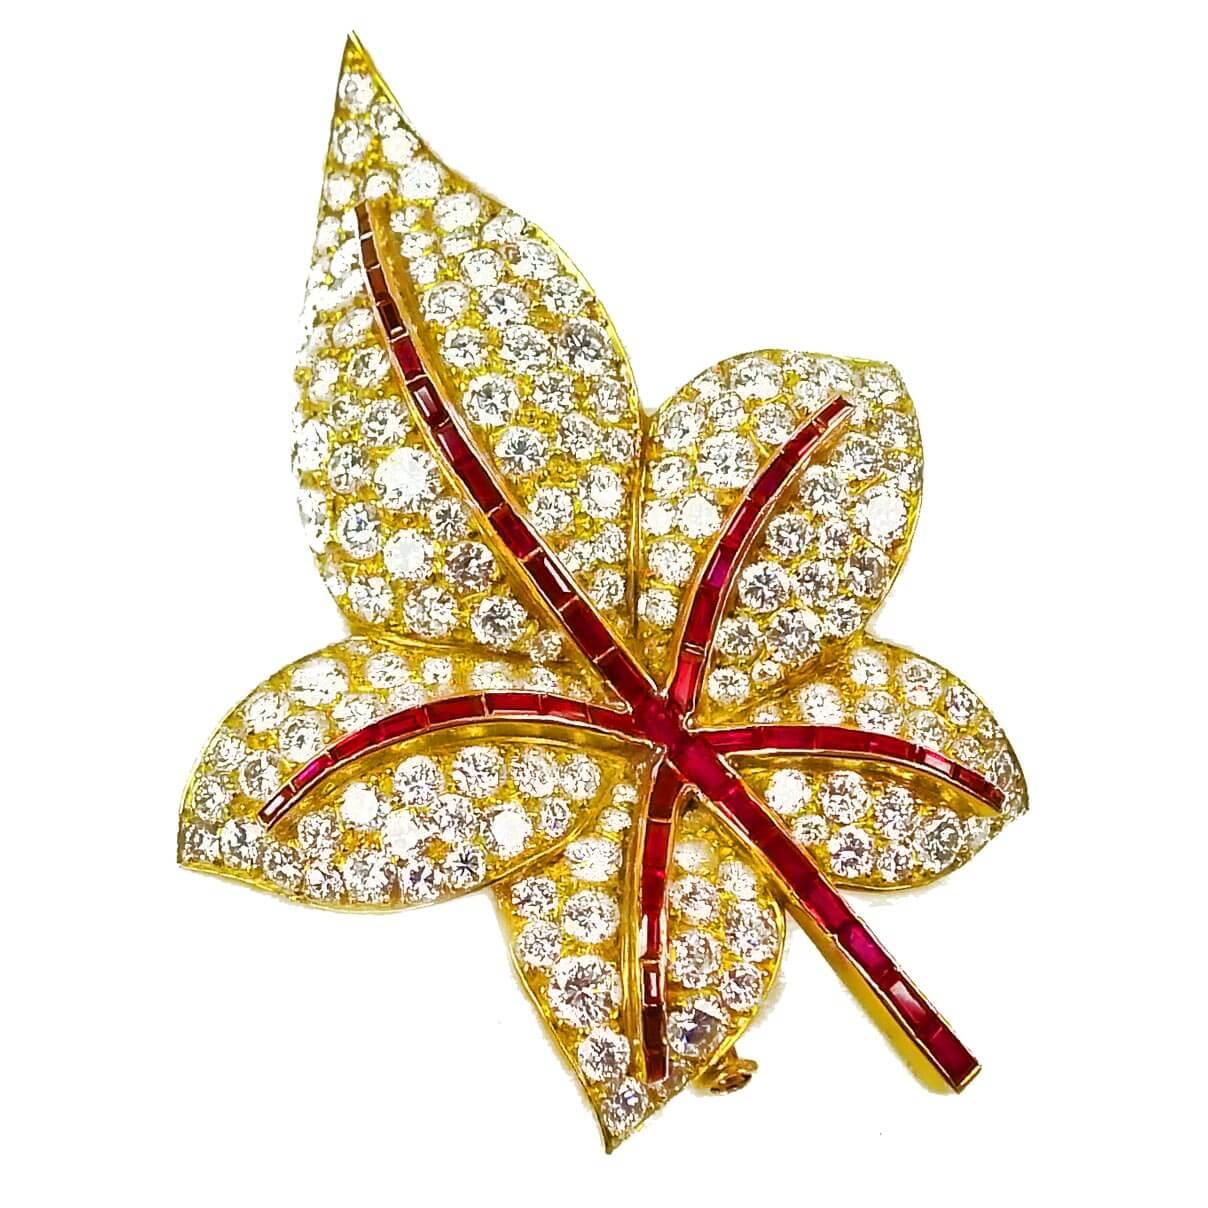 Ruby & Diamond Leaf Brooch, By Albuquerque Paris